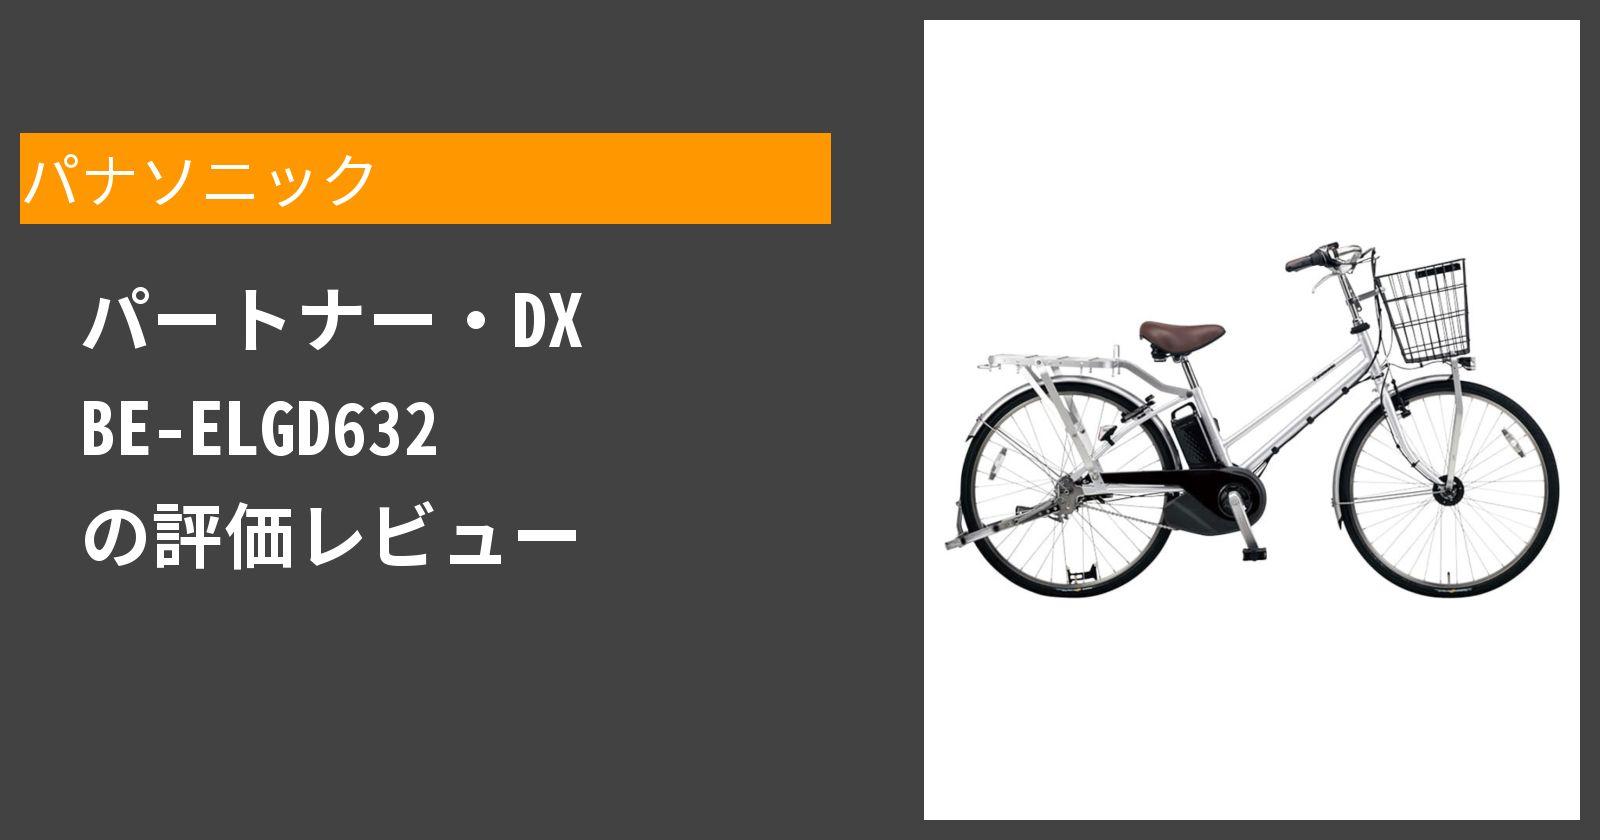 パートナー・DX BE-ELGD632を徹底評価